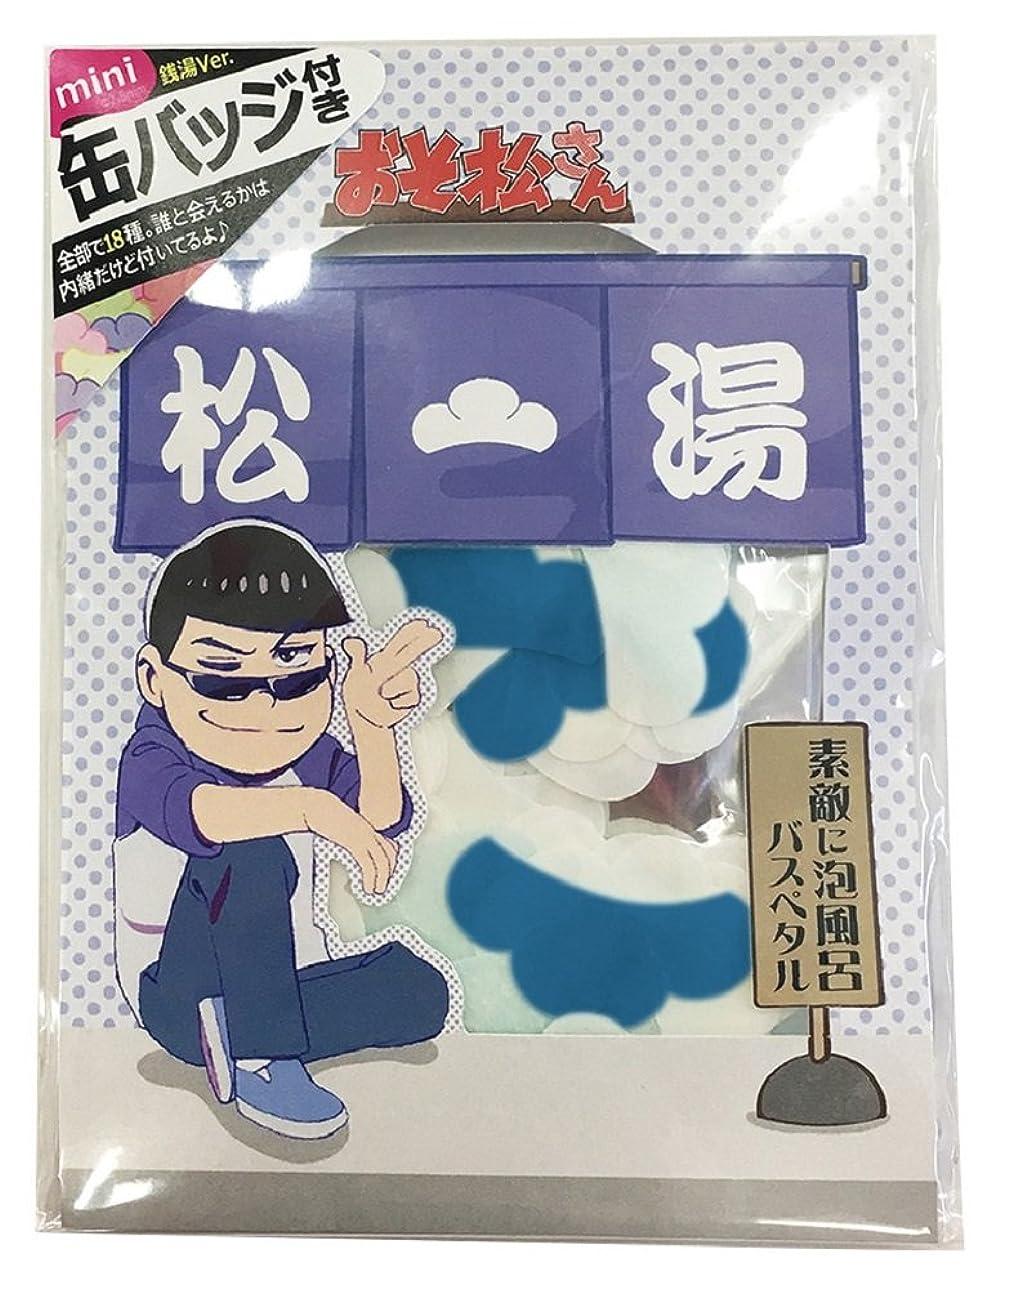 ブーム感染する週末おそ松さん 入浴剤 バスペタル カラ松 香り付き ミニ缶バッジ付き ABD-001-002